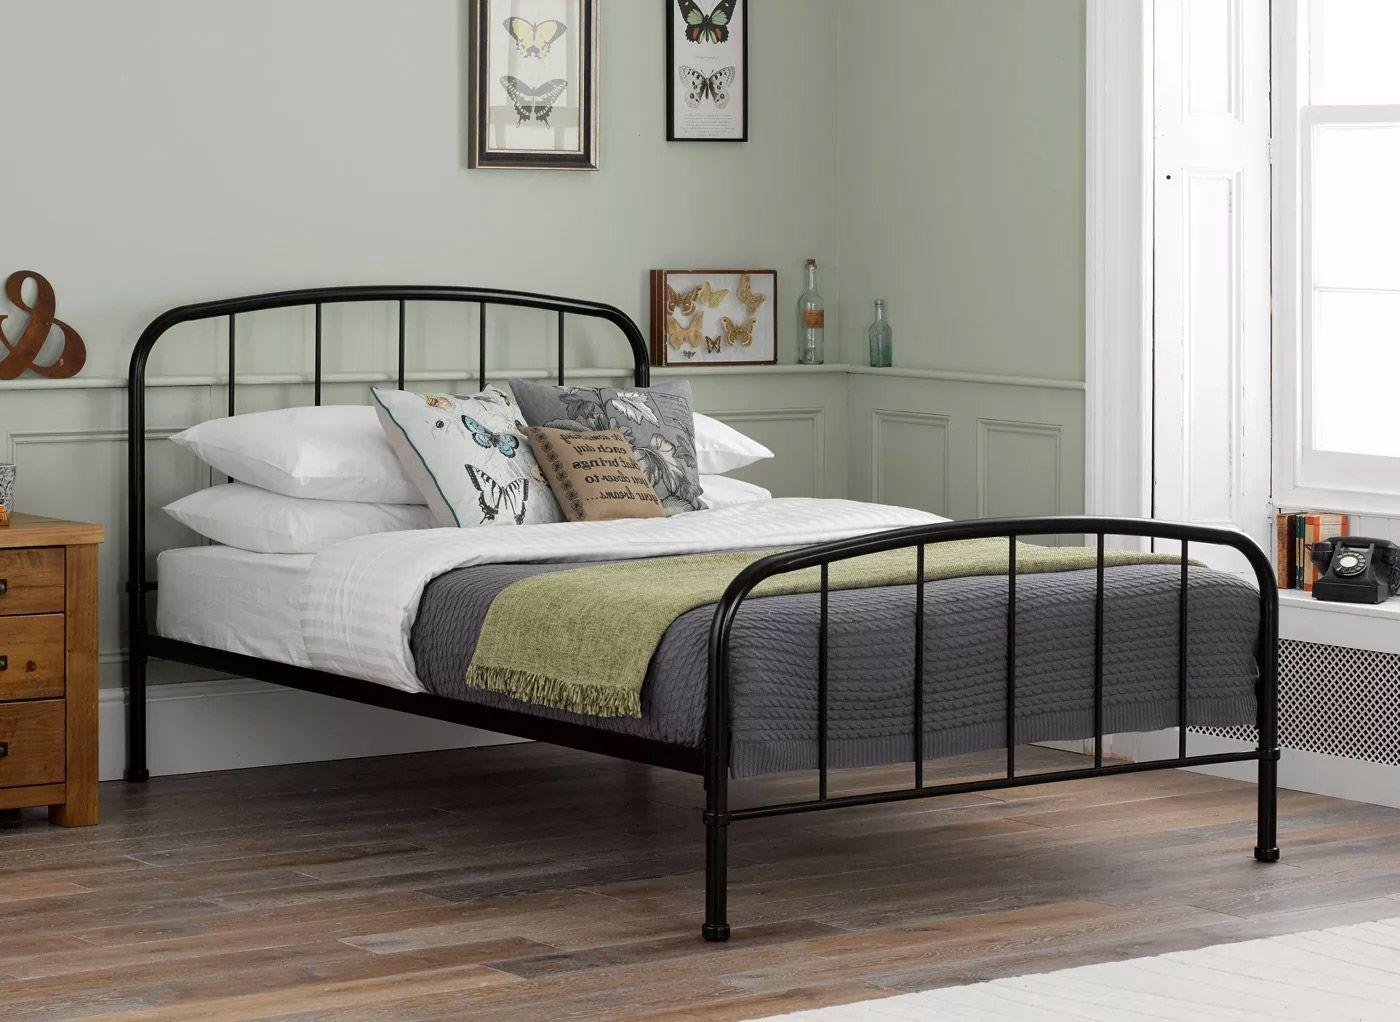 Westbrook Metal Bed Frame Black Bed Frame Iron Bed Frame White Metal Bed